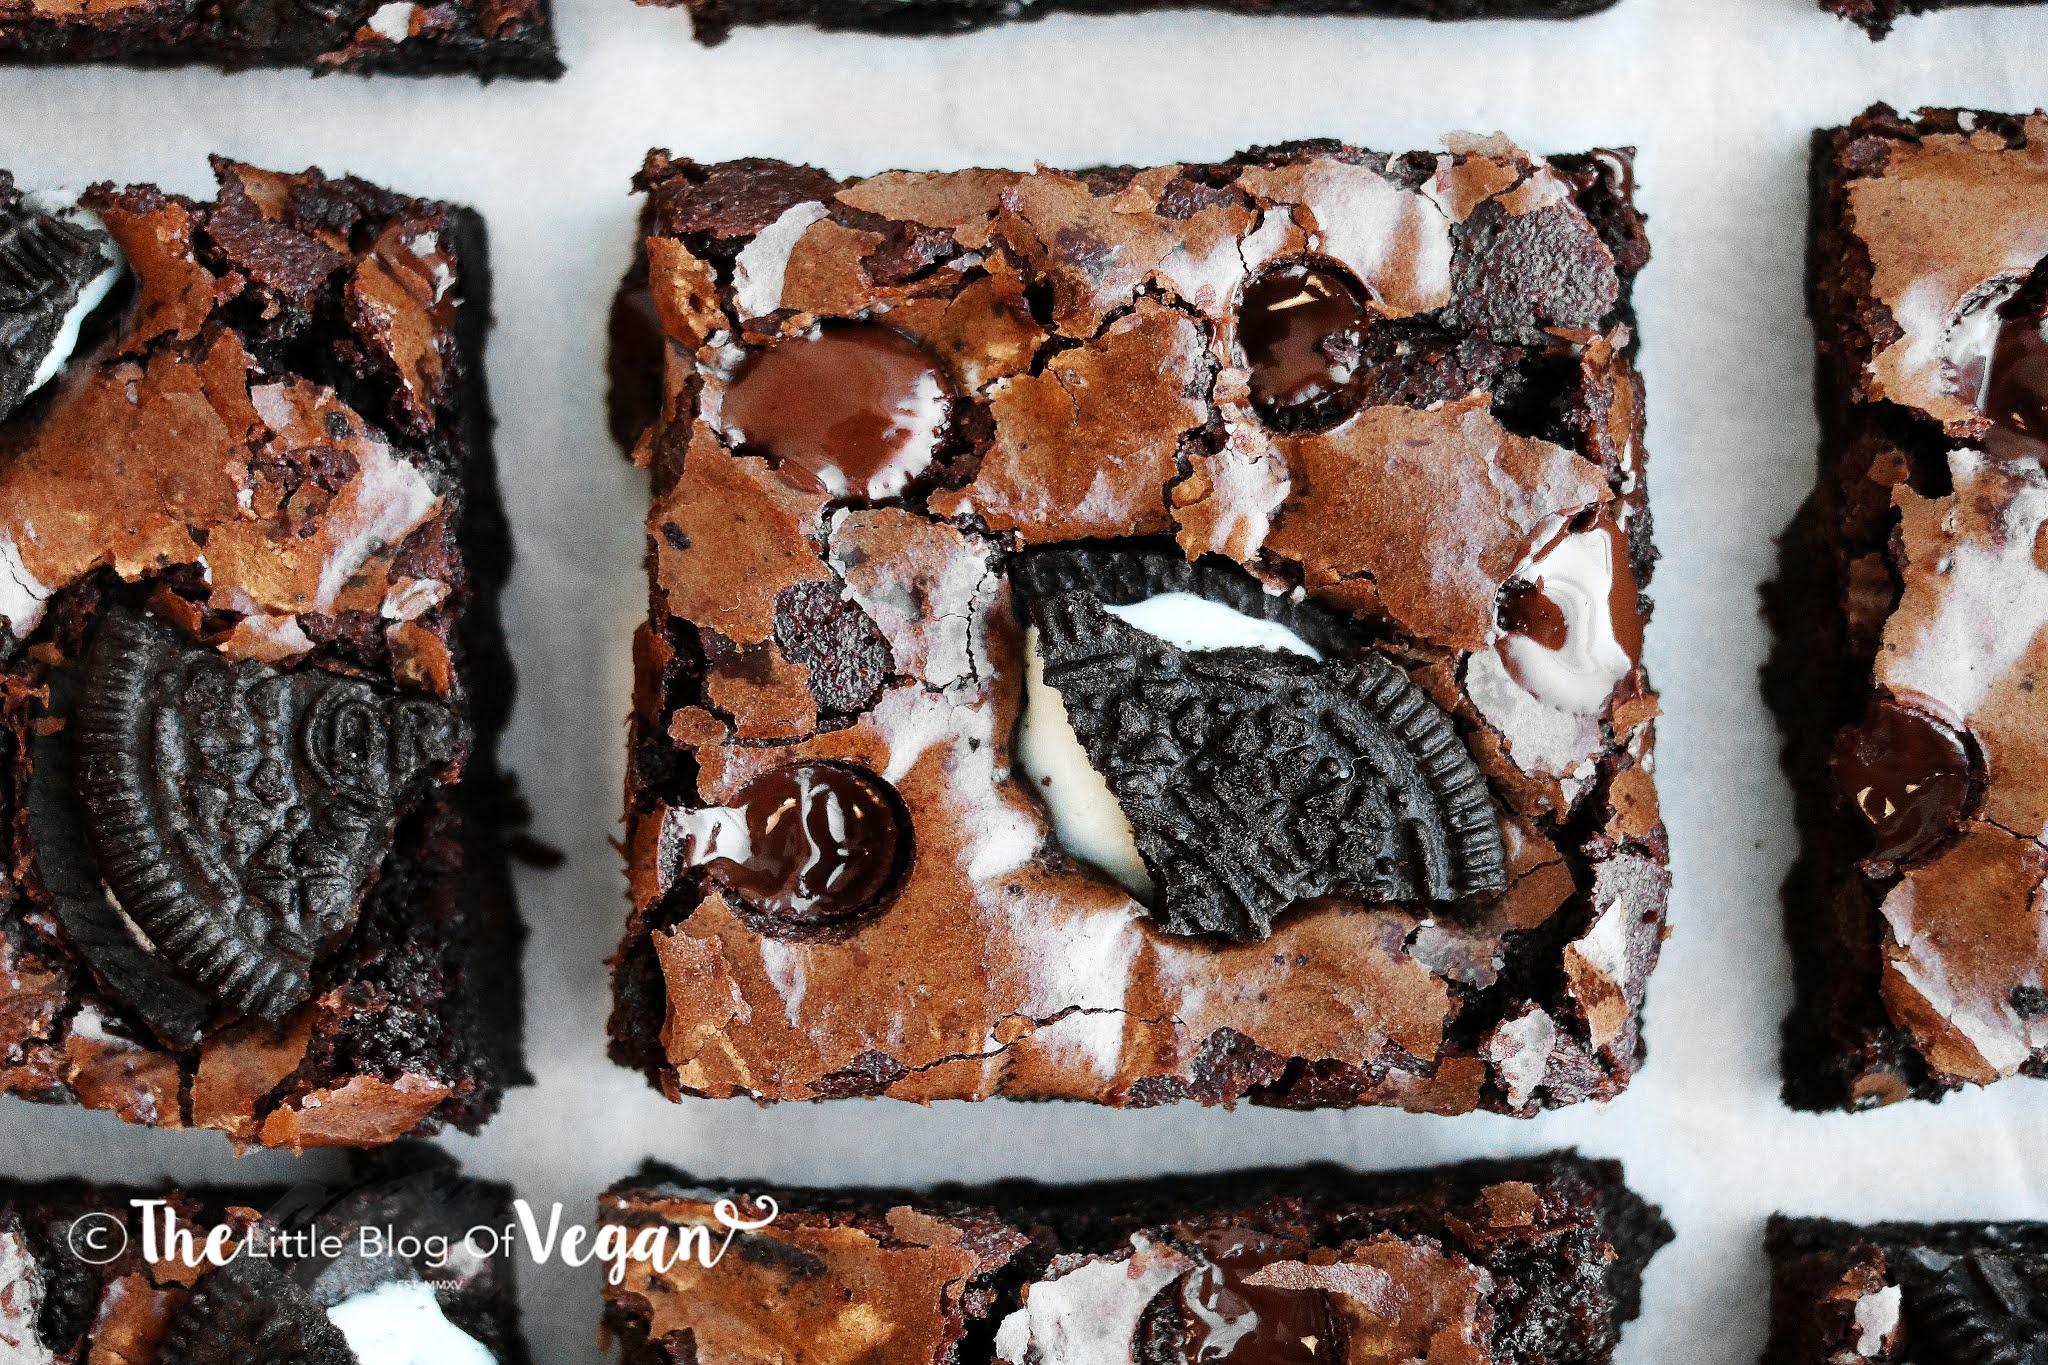 Vegan Crinkle Brownies